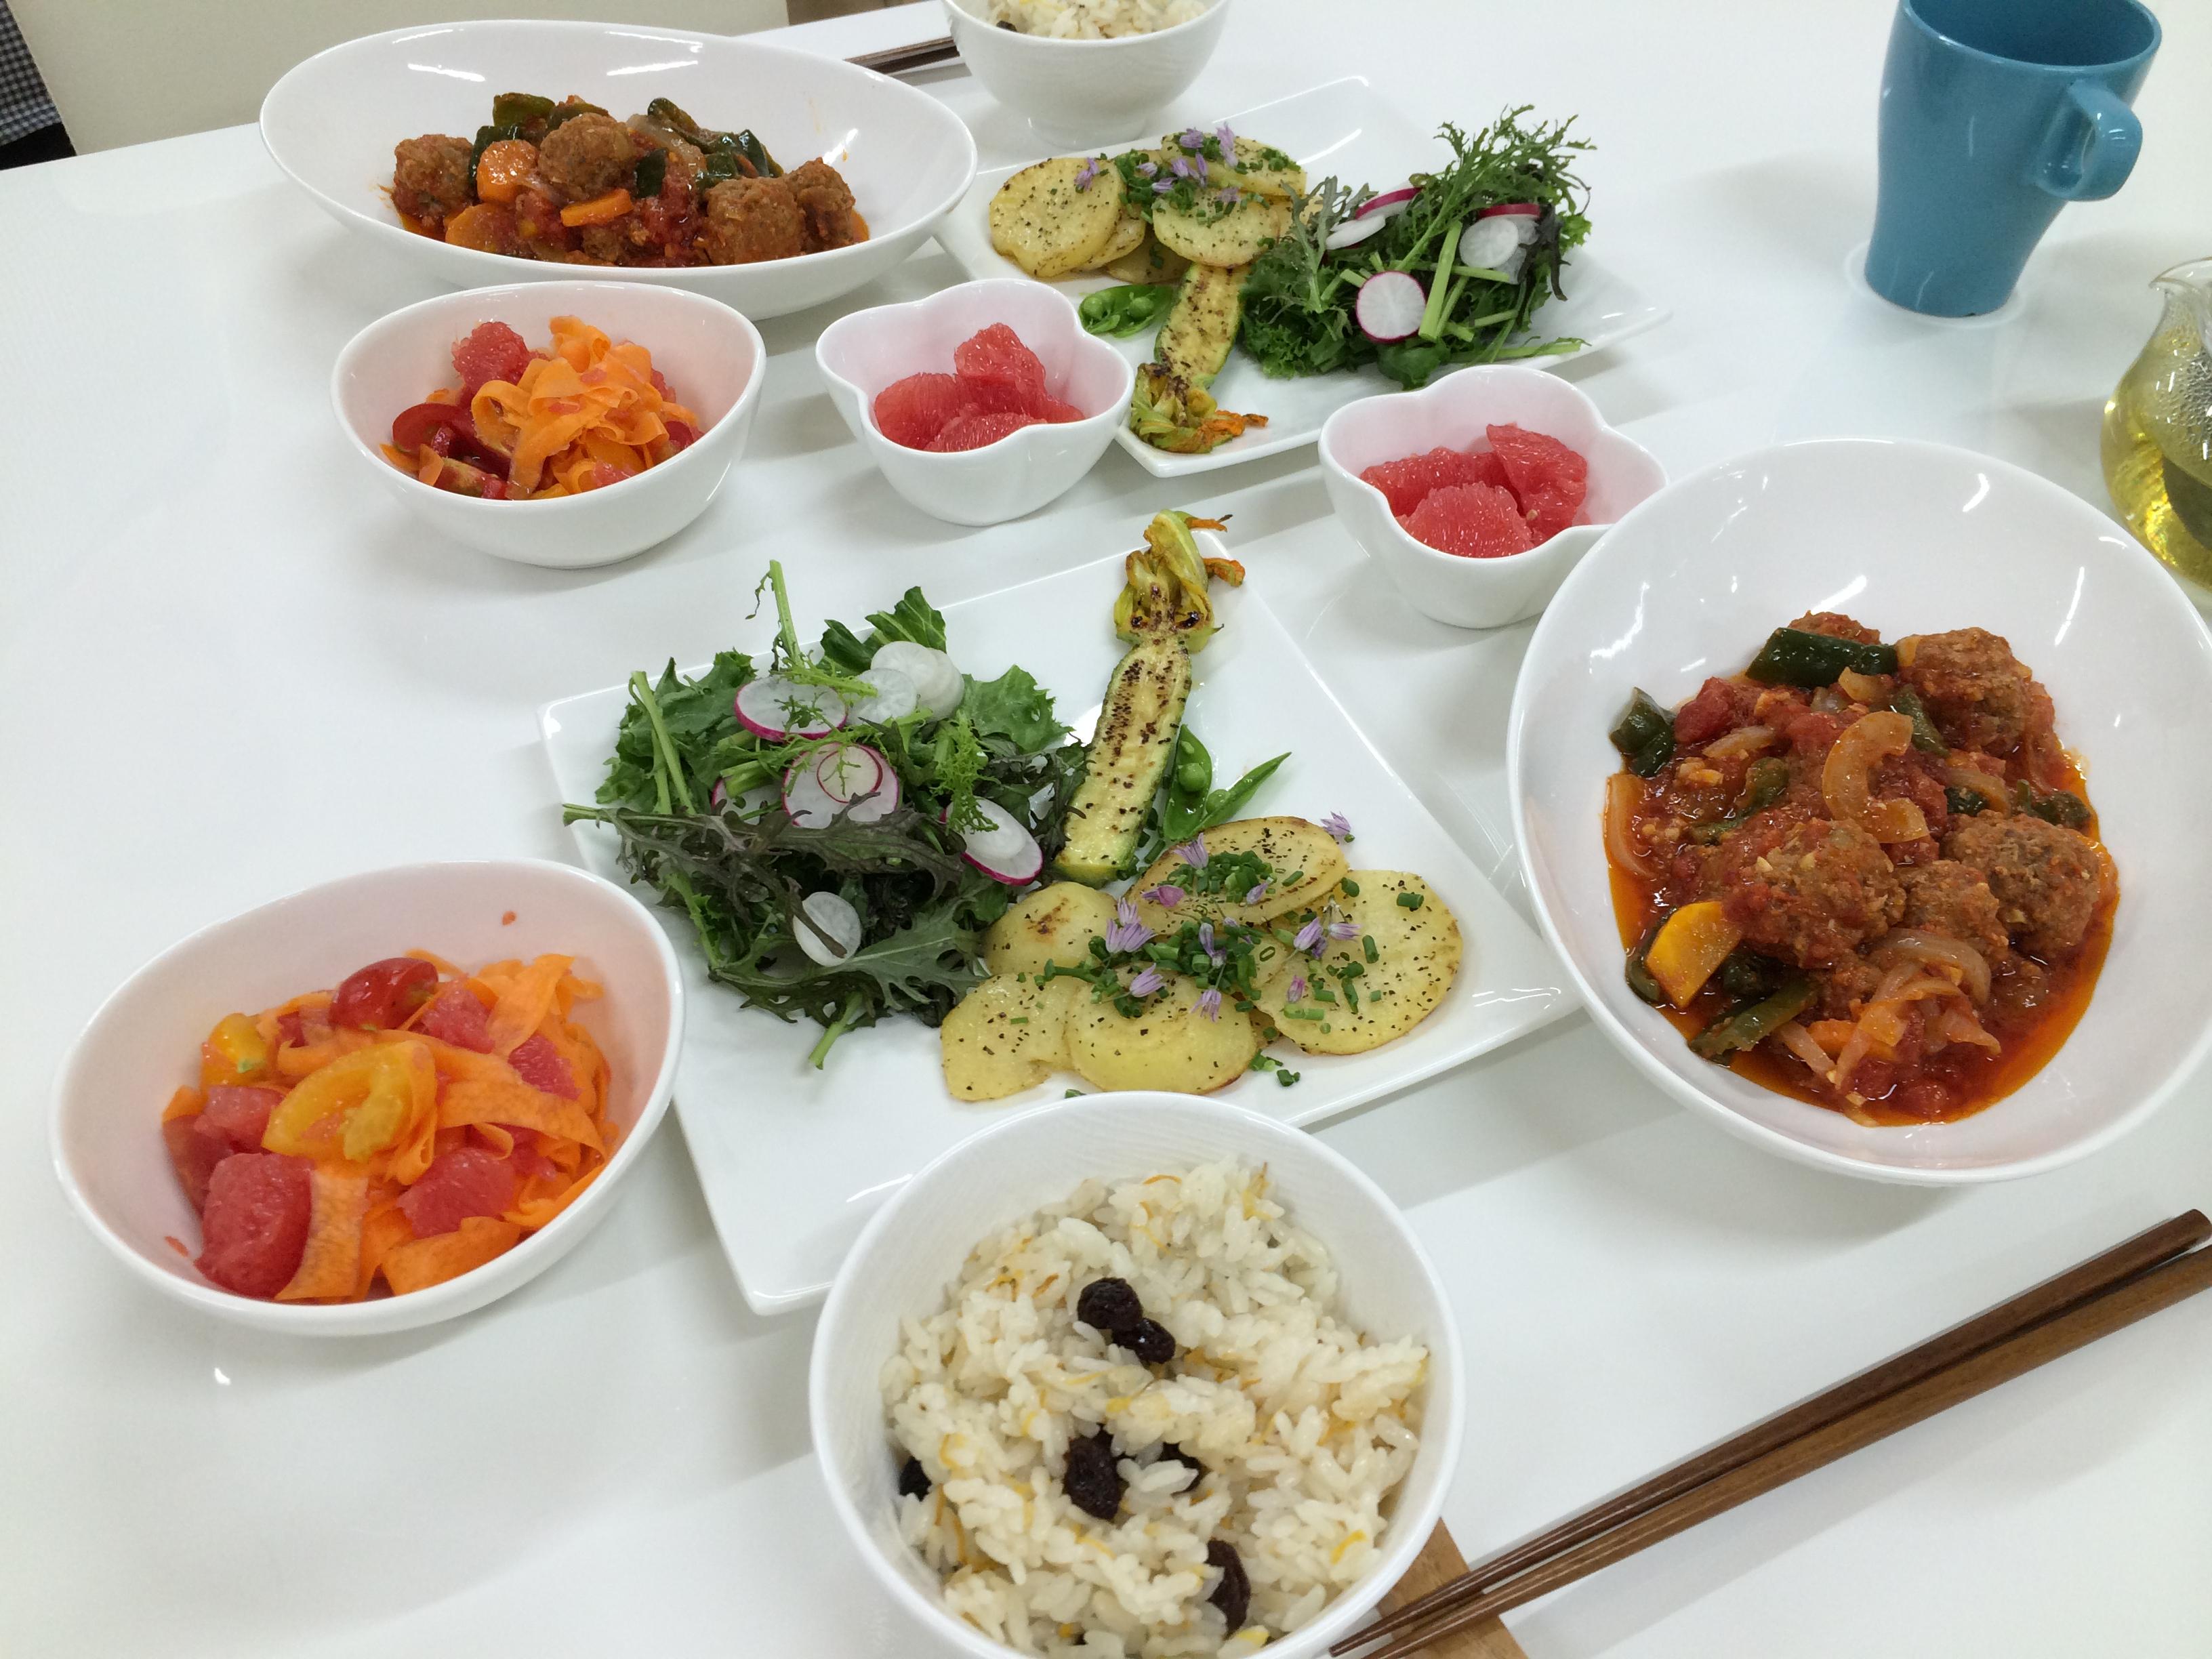 ハーブ・野菜・果物を楽しむ講座 2014年7月